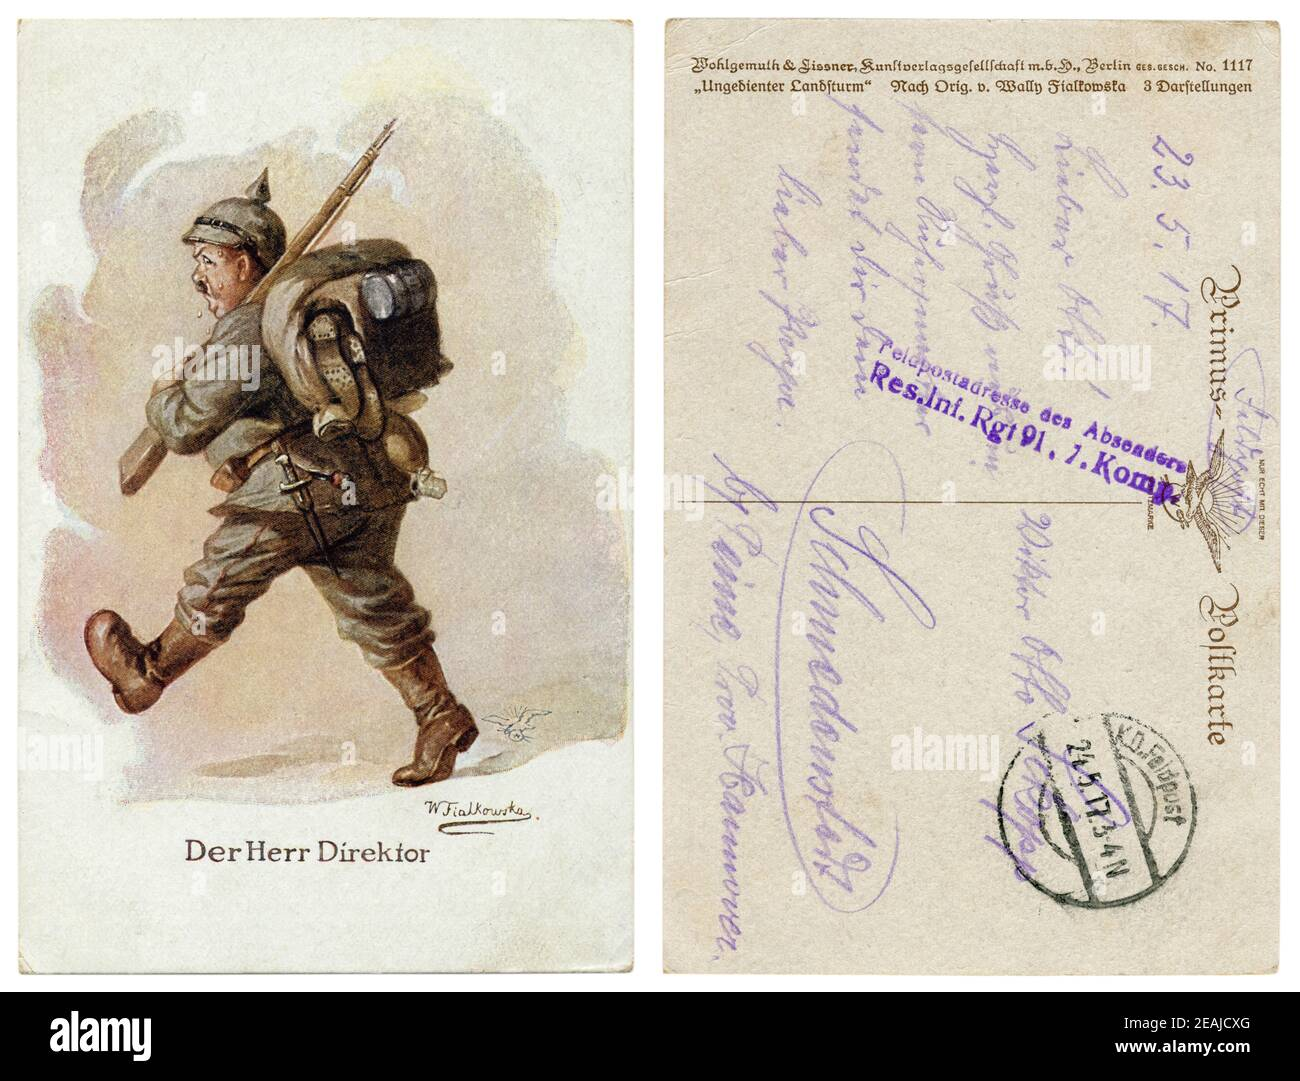 Carte postale historique allemand: Der Herr Direktor (le directeur). Un gros homme en pleine lutte contre lay-out promenades et sweats à partir du poids de la charge. L'humour. Banque D'Images